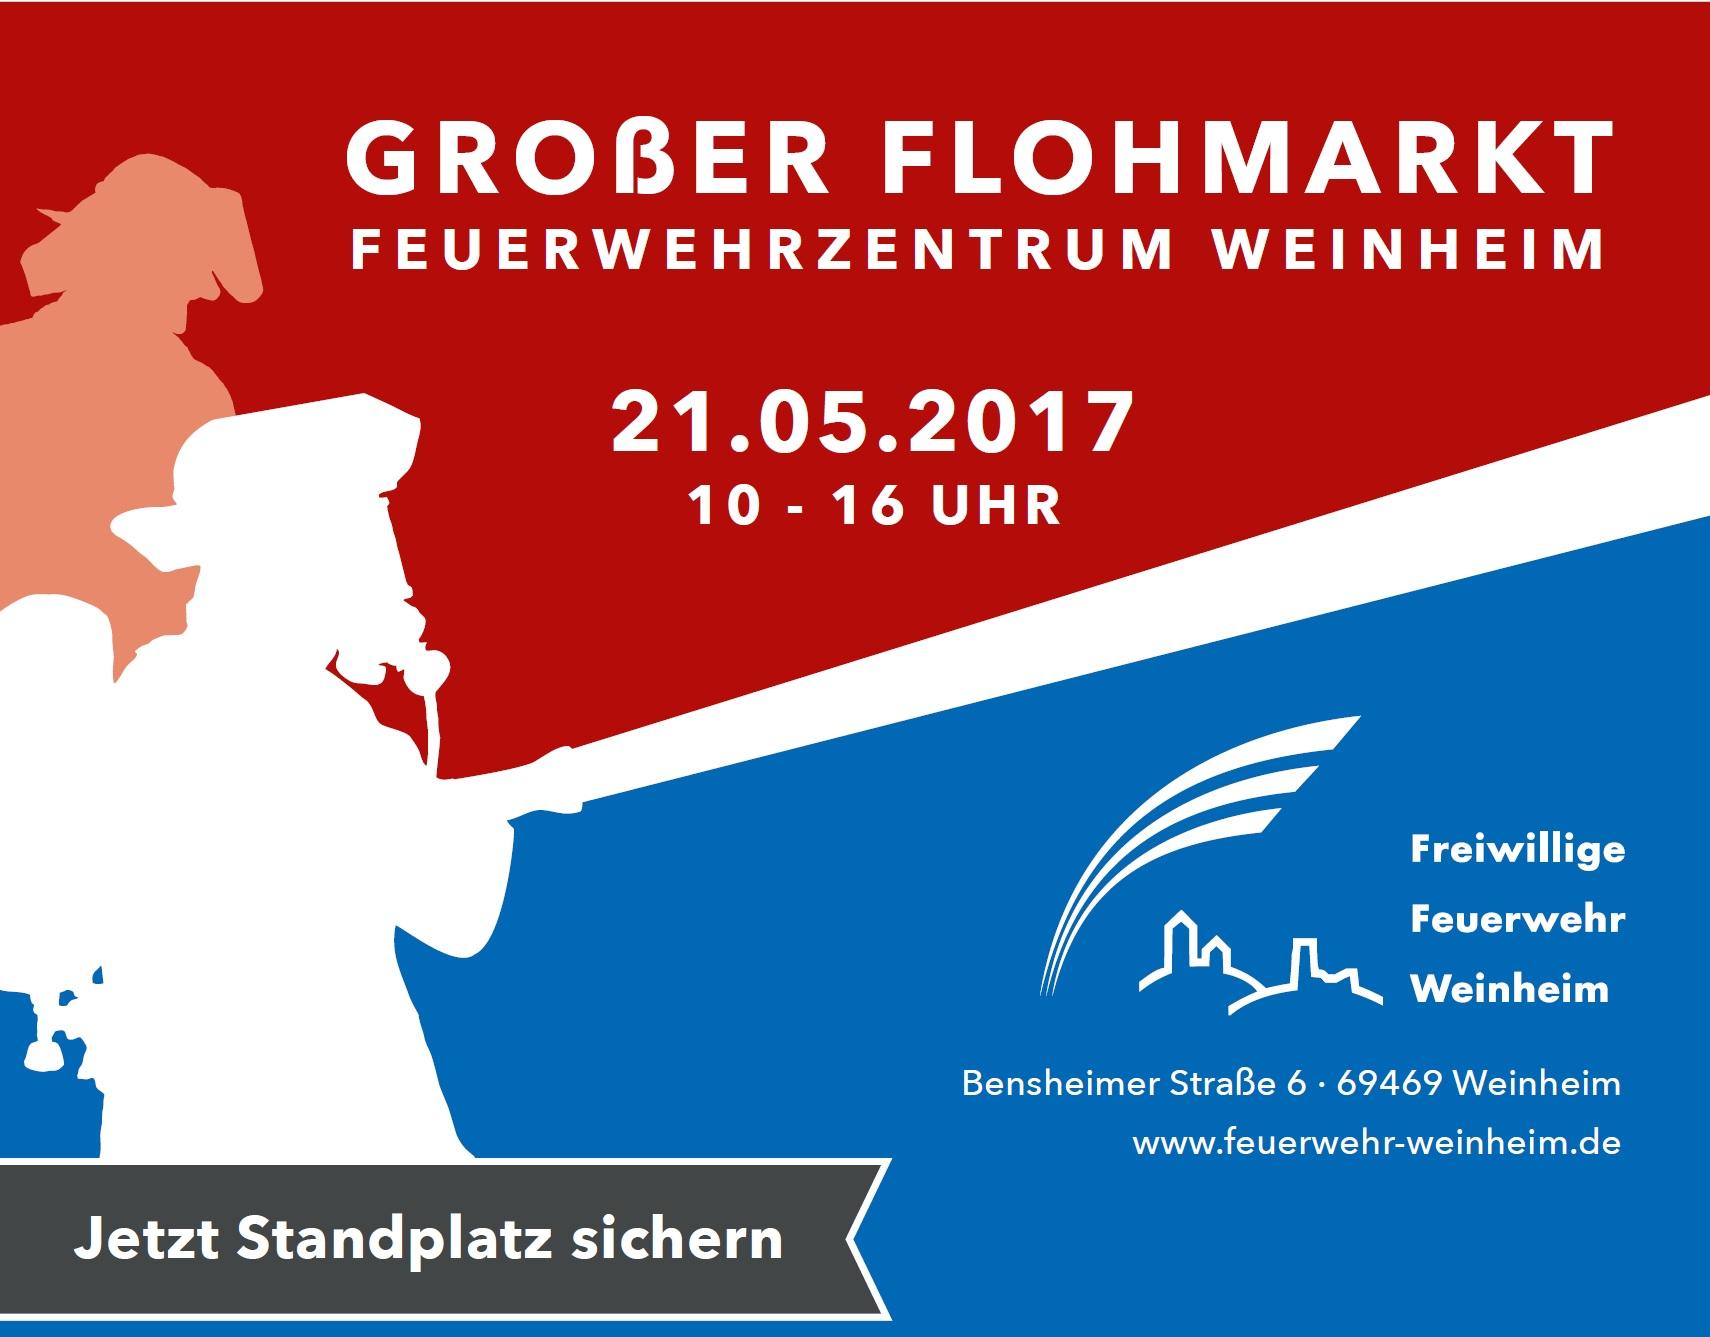 Tag der offenen Tür am 21.05.2017, Feuerwehrzentrum Weinheim